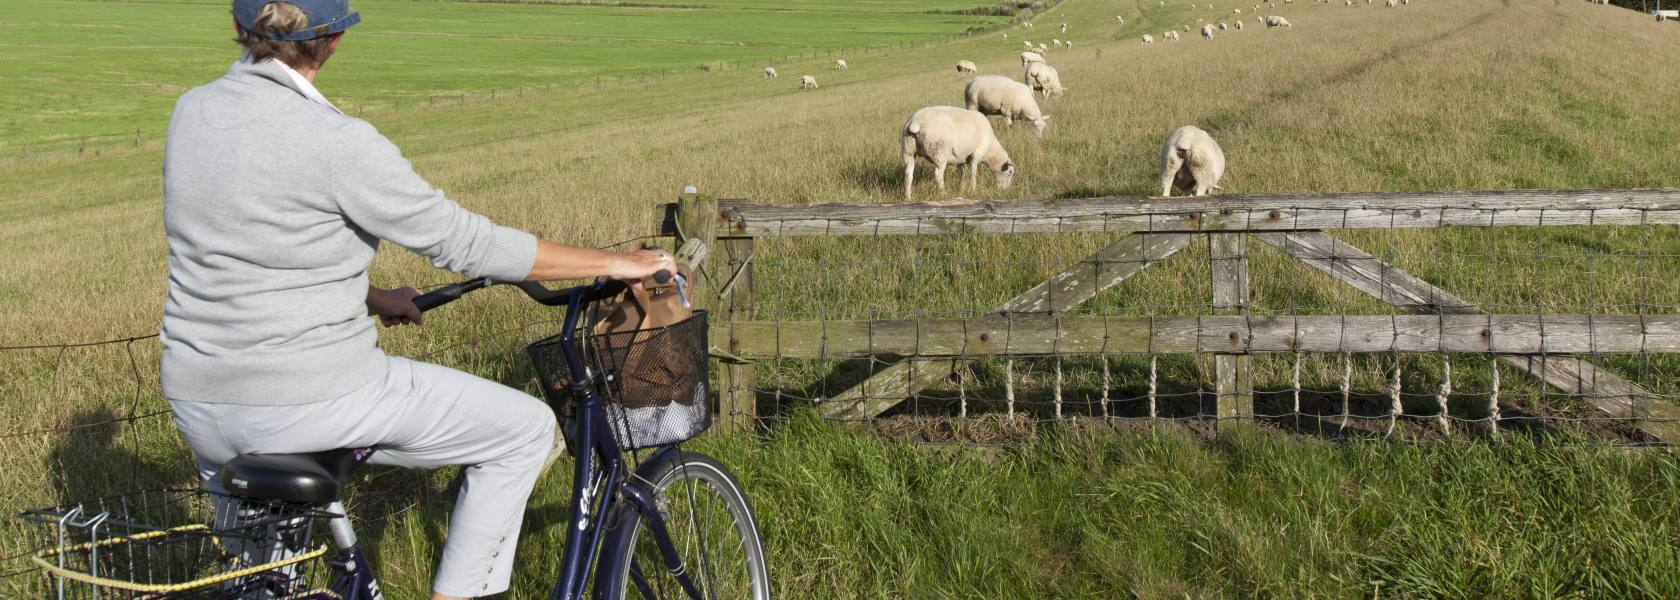 Radfahren in Butjadingen, © Tourismus-Service-Butjadingen